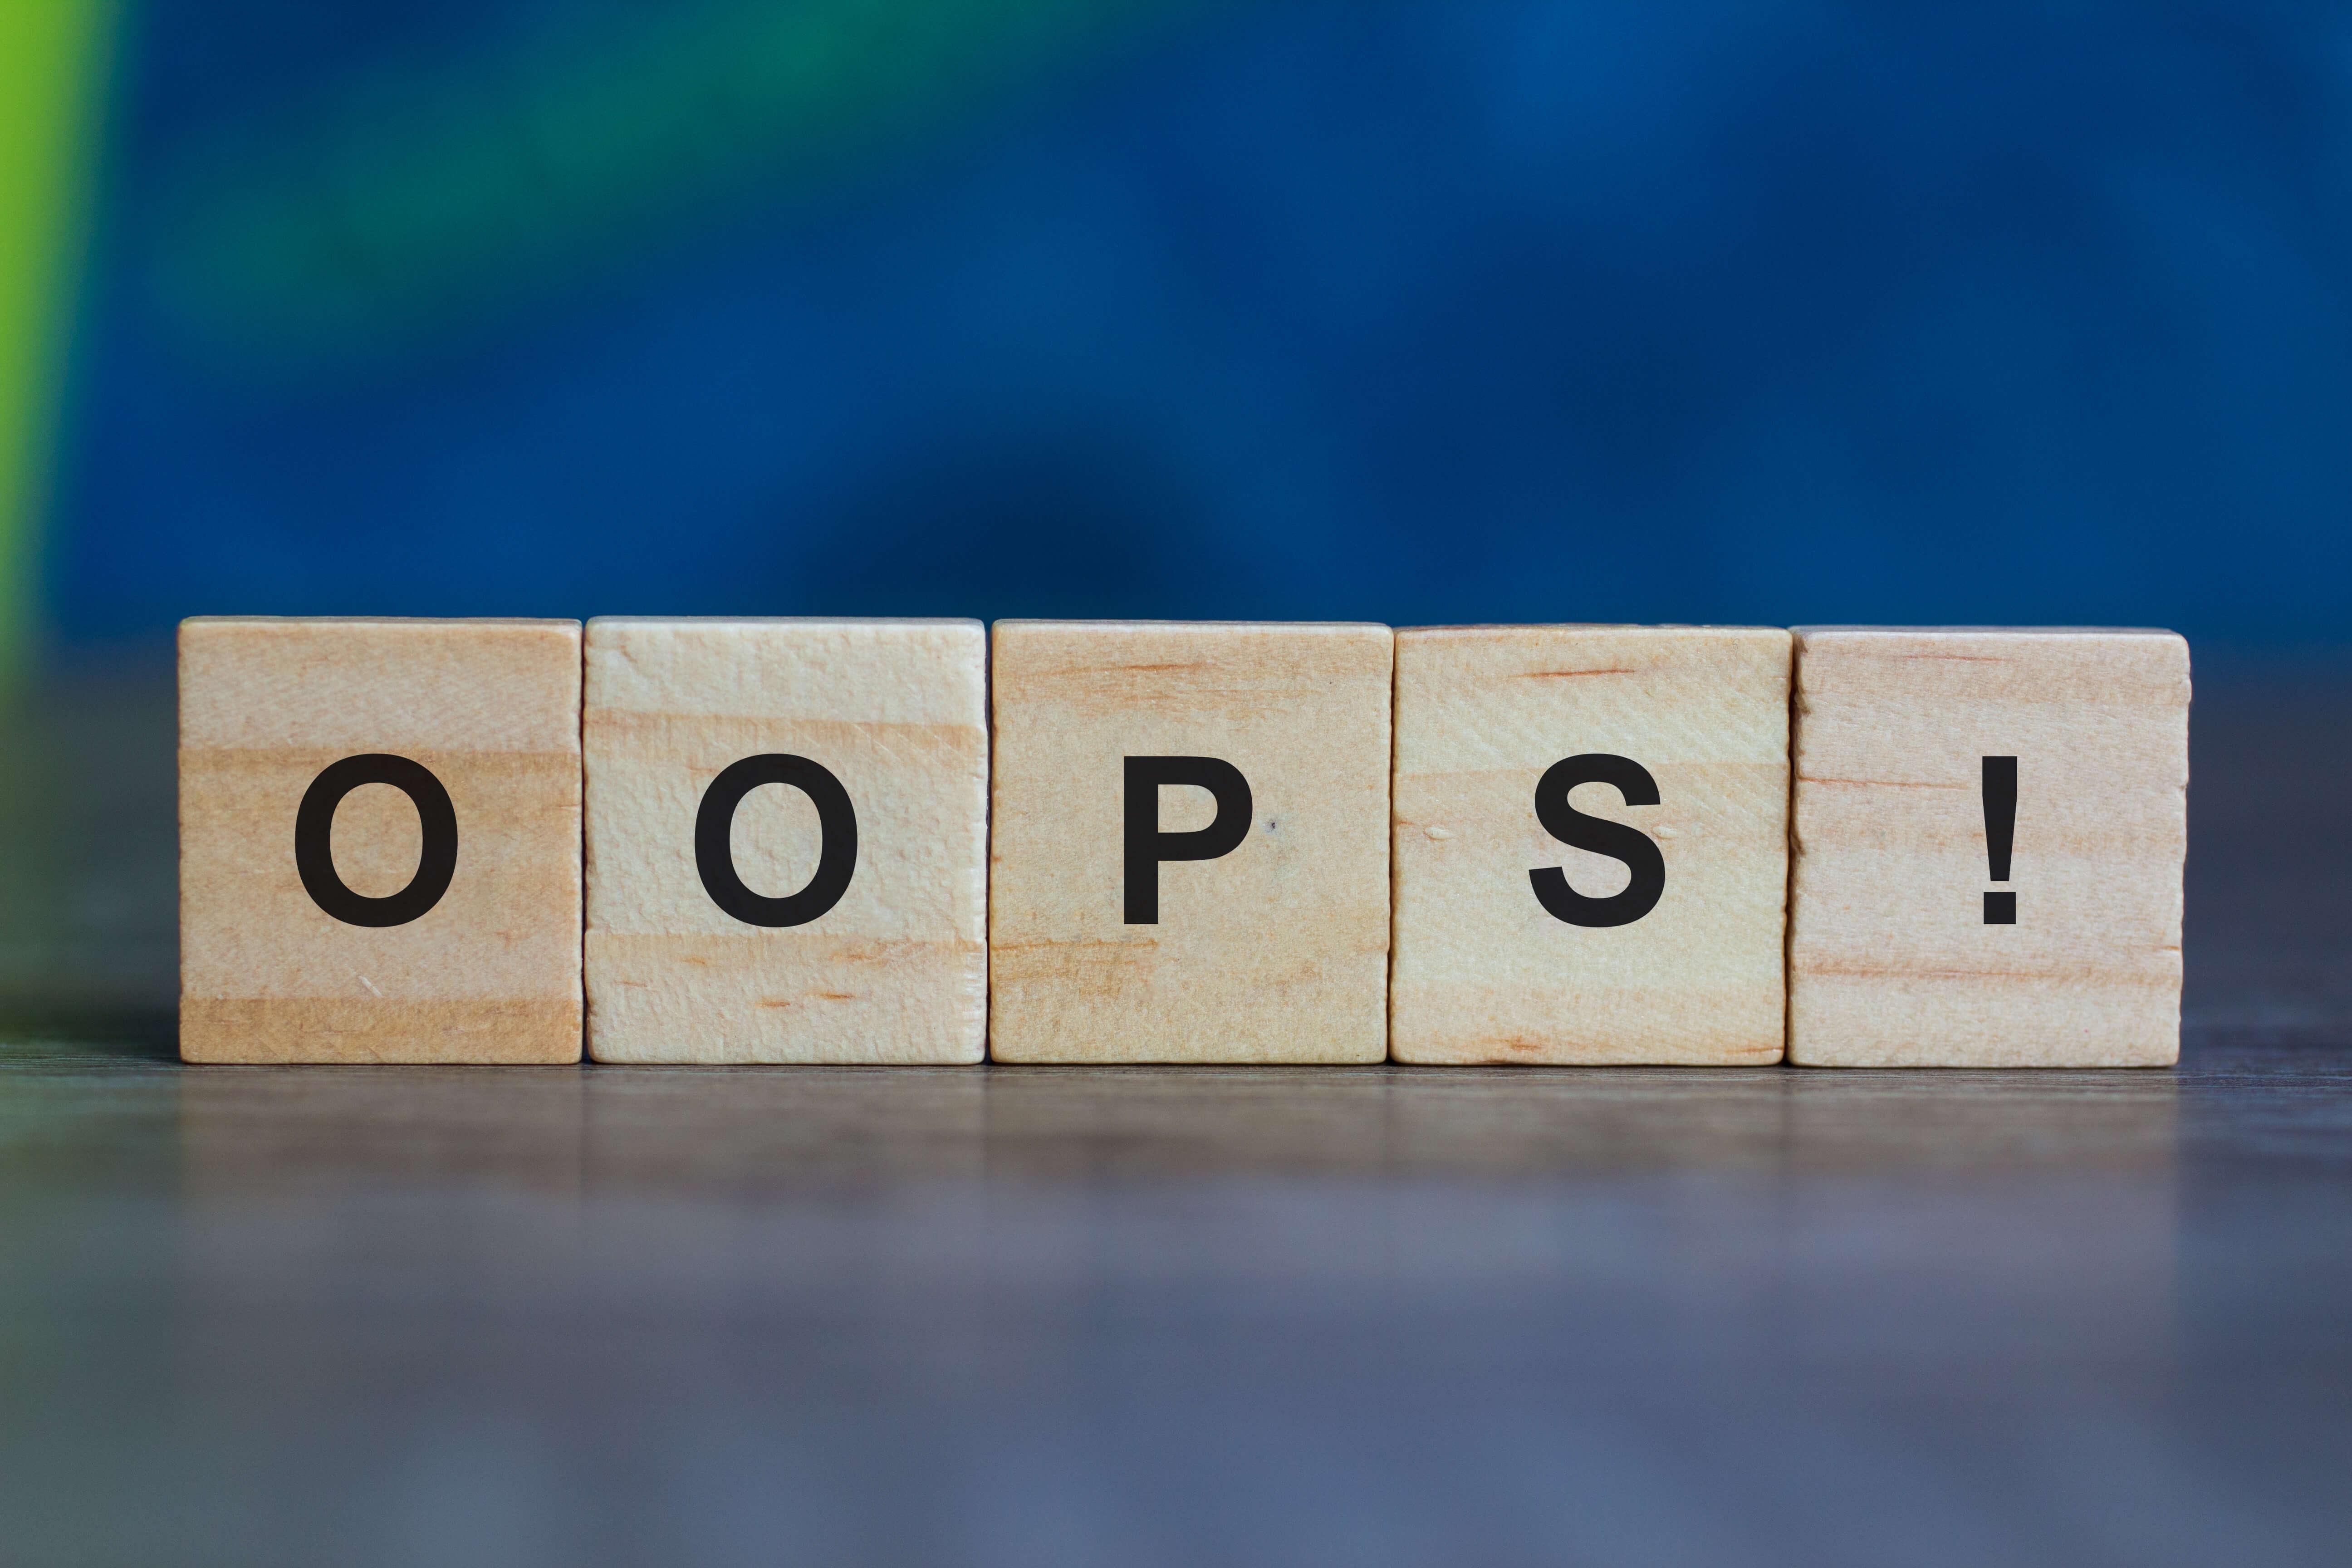 Wie siehts aus, wenn man Sie auf einen Fehler hinweist?